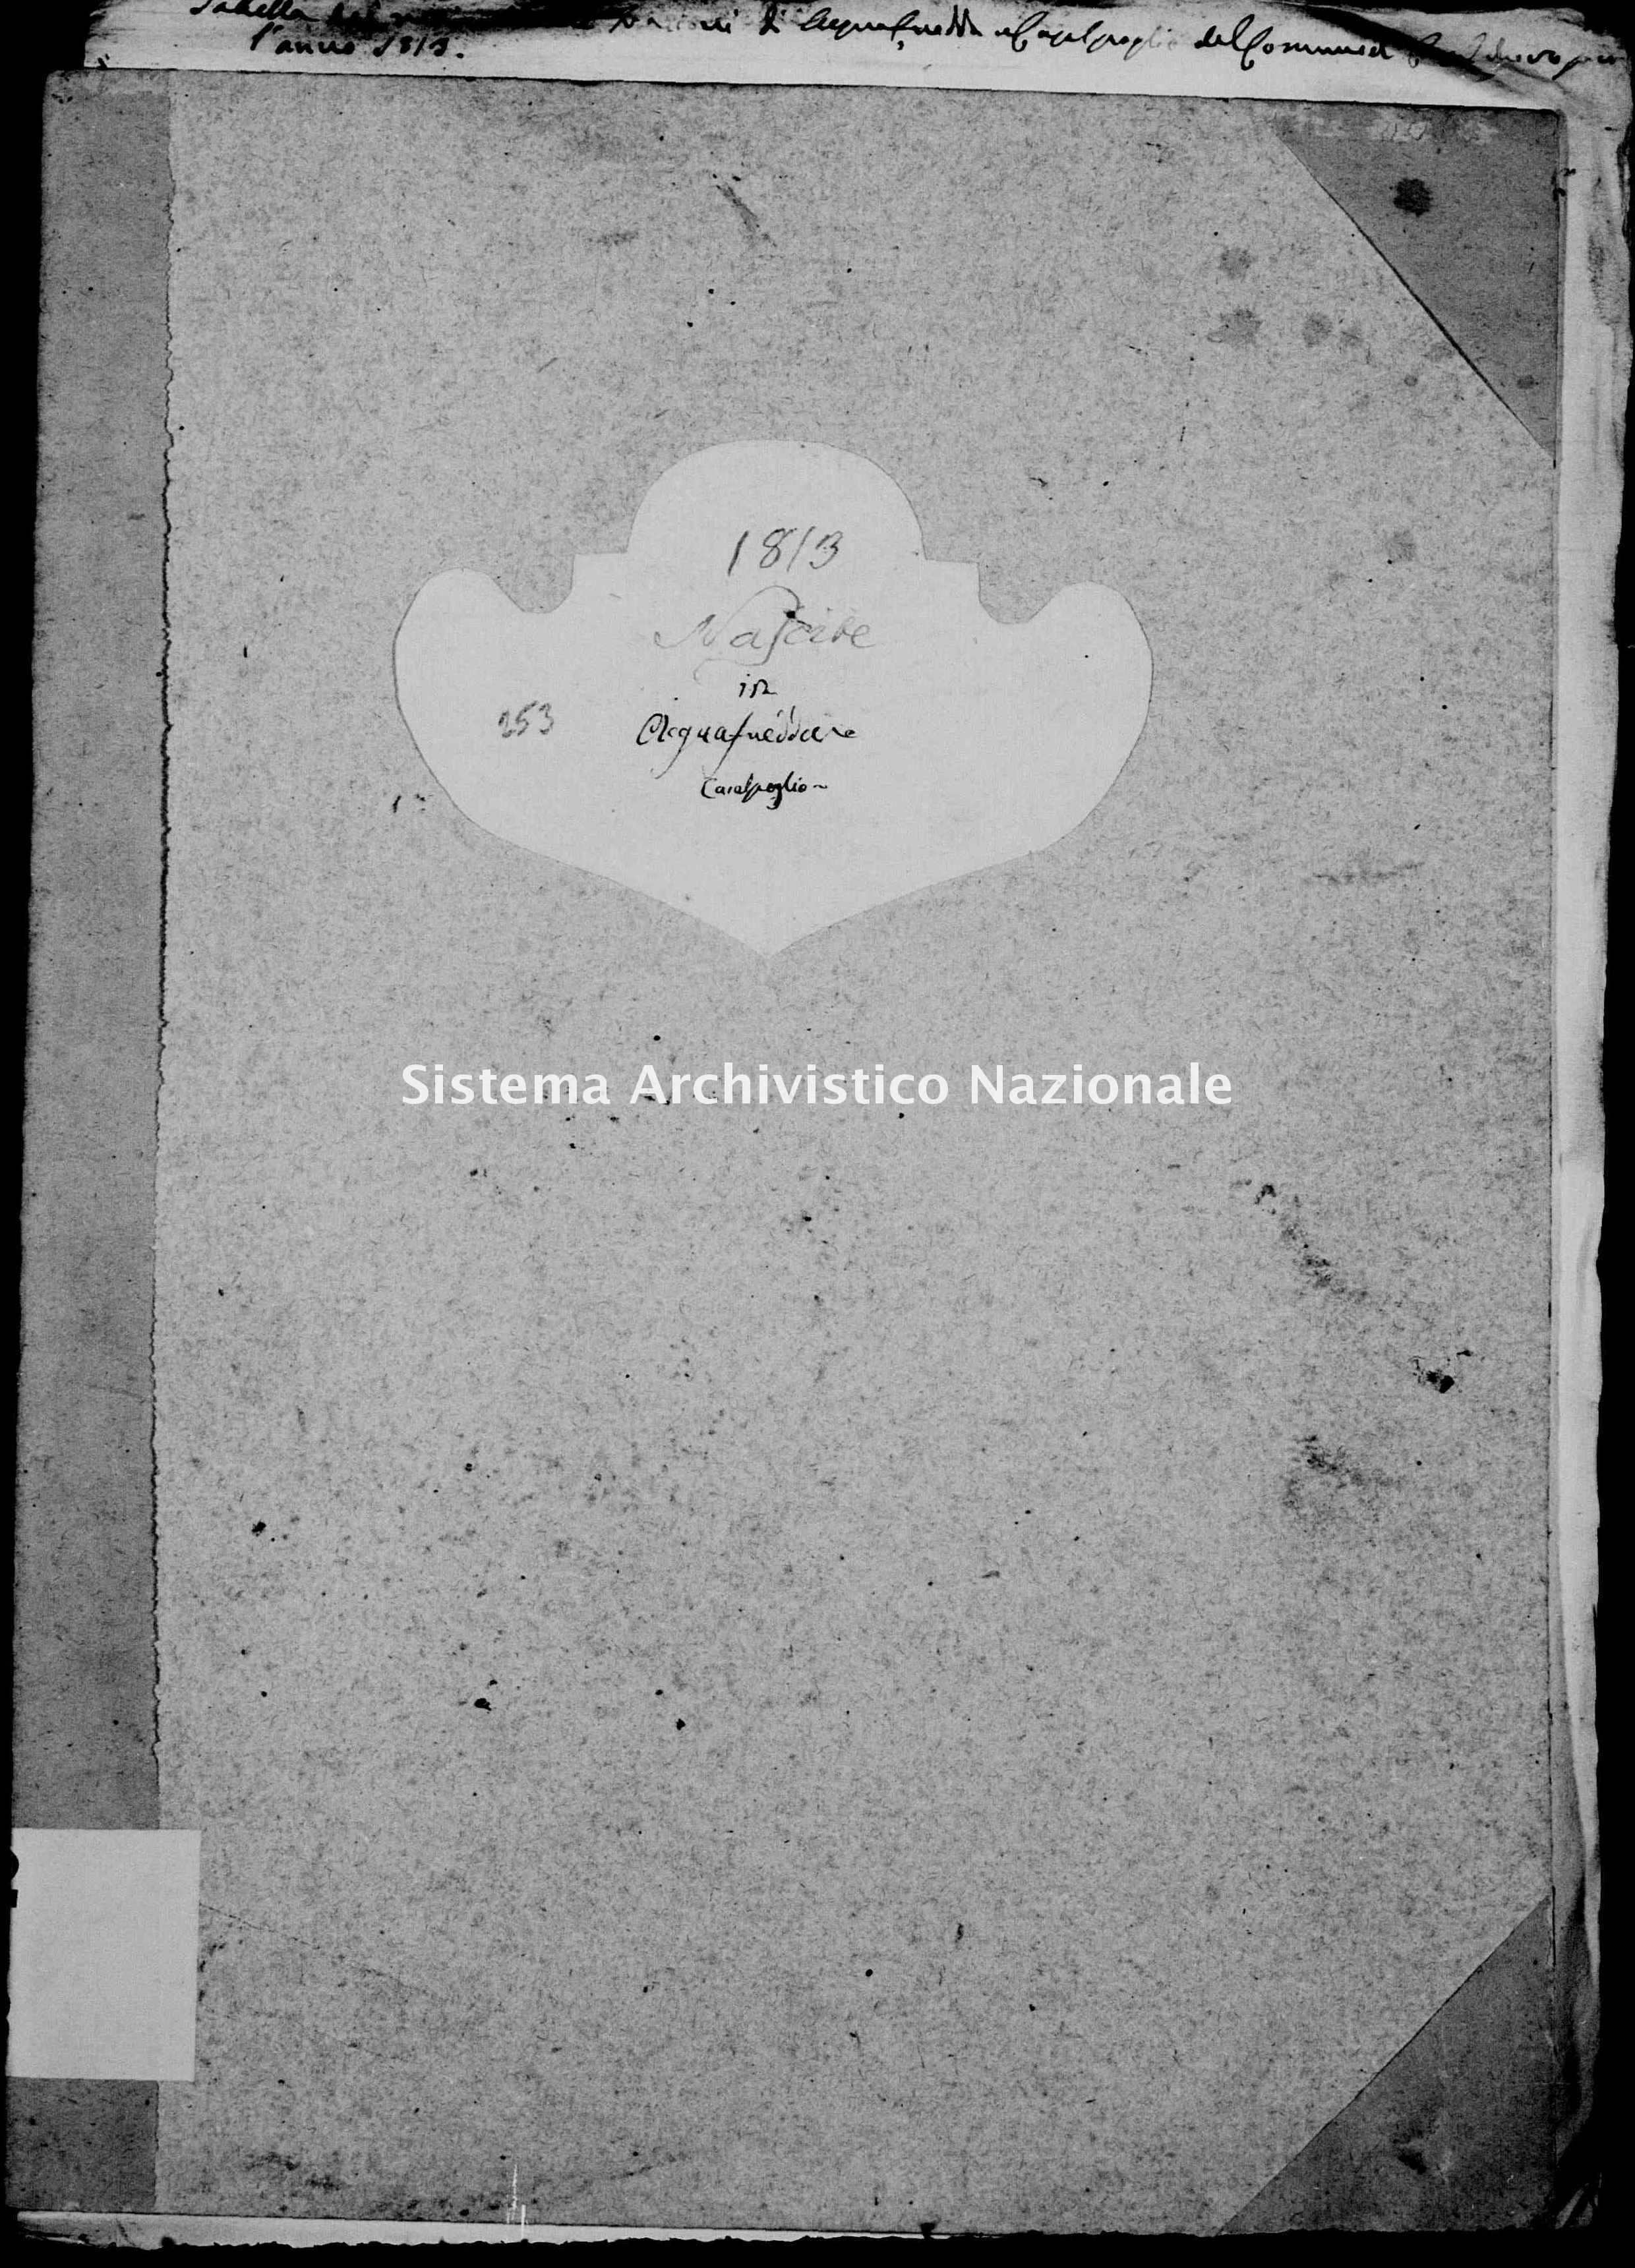 Archivio di stato di Mantova - Stato civile e anagrafe del Dipartimento del Mincio - Acquafredda-con-Casalpoglio-(frazioni-di-Casalmoro) - Nati - 1813 con indice - 253 -